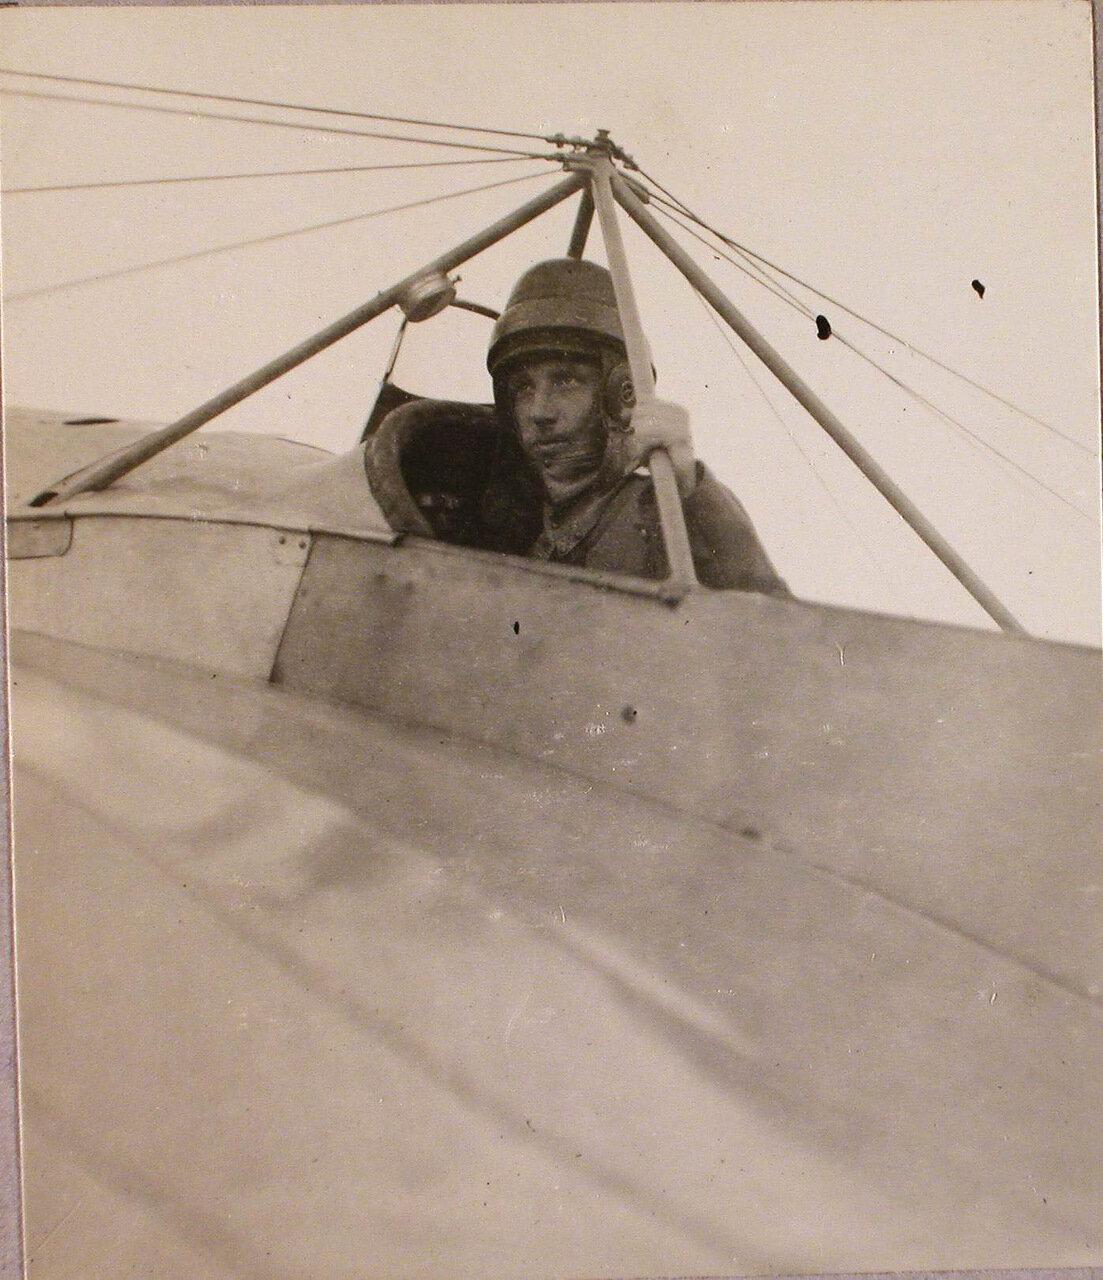 37. Военный летчик поручик Бржезовский в кабине летательного аппарата. Июль-август 1915. Ковель